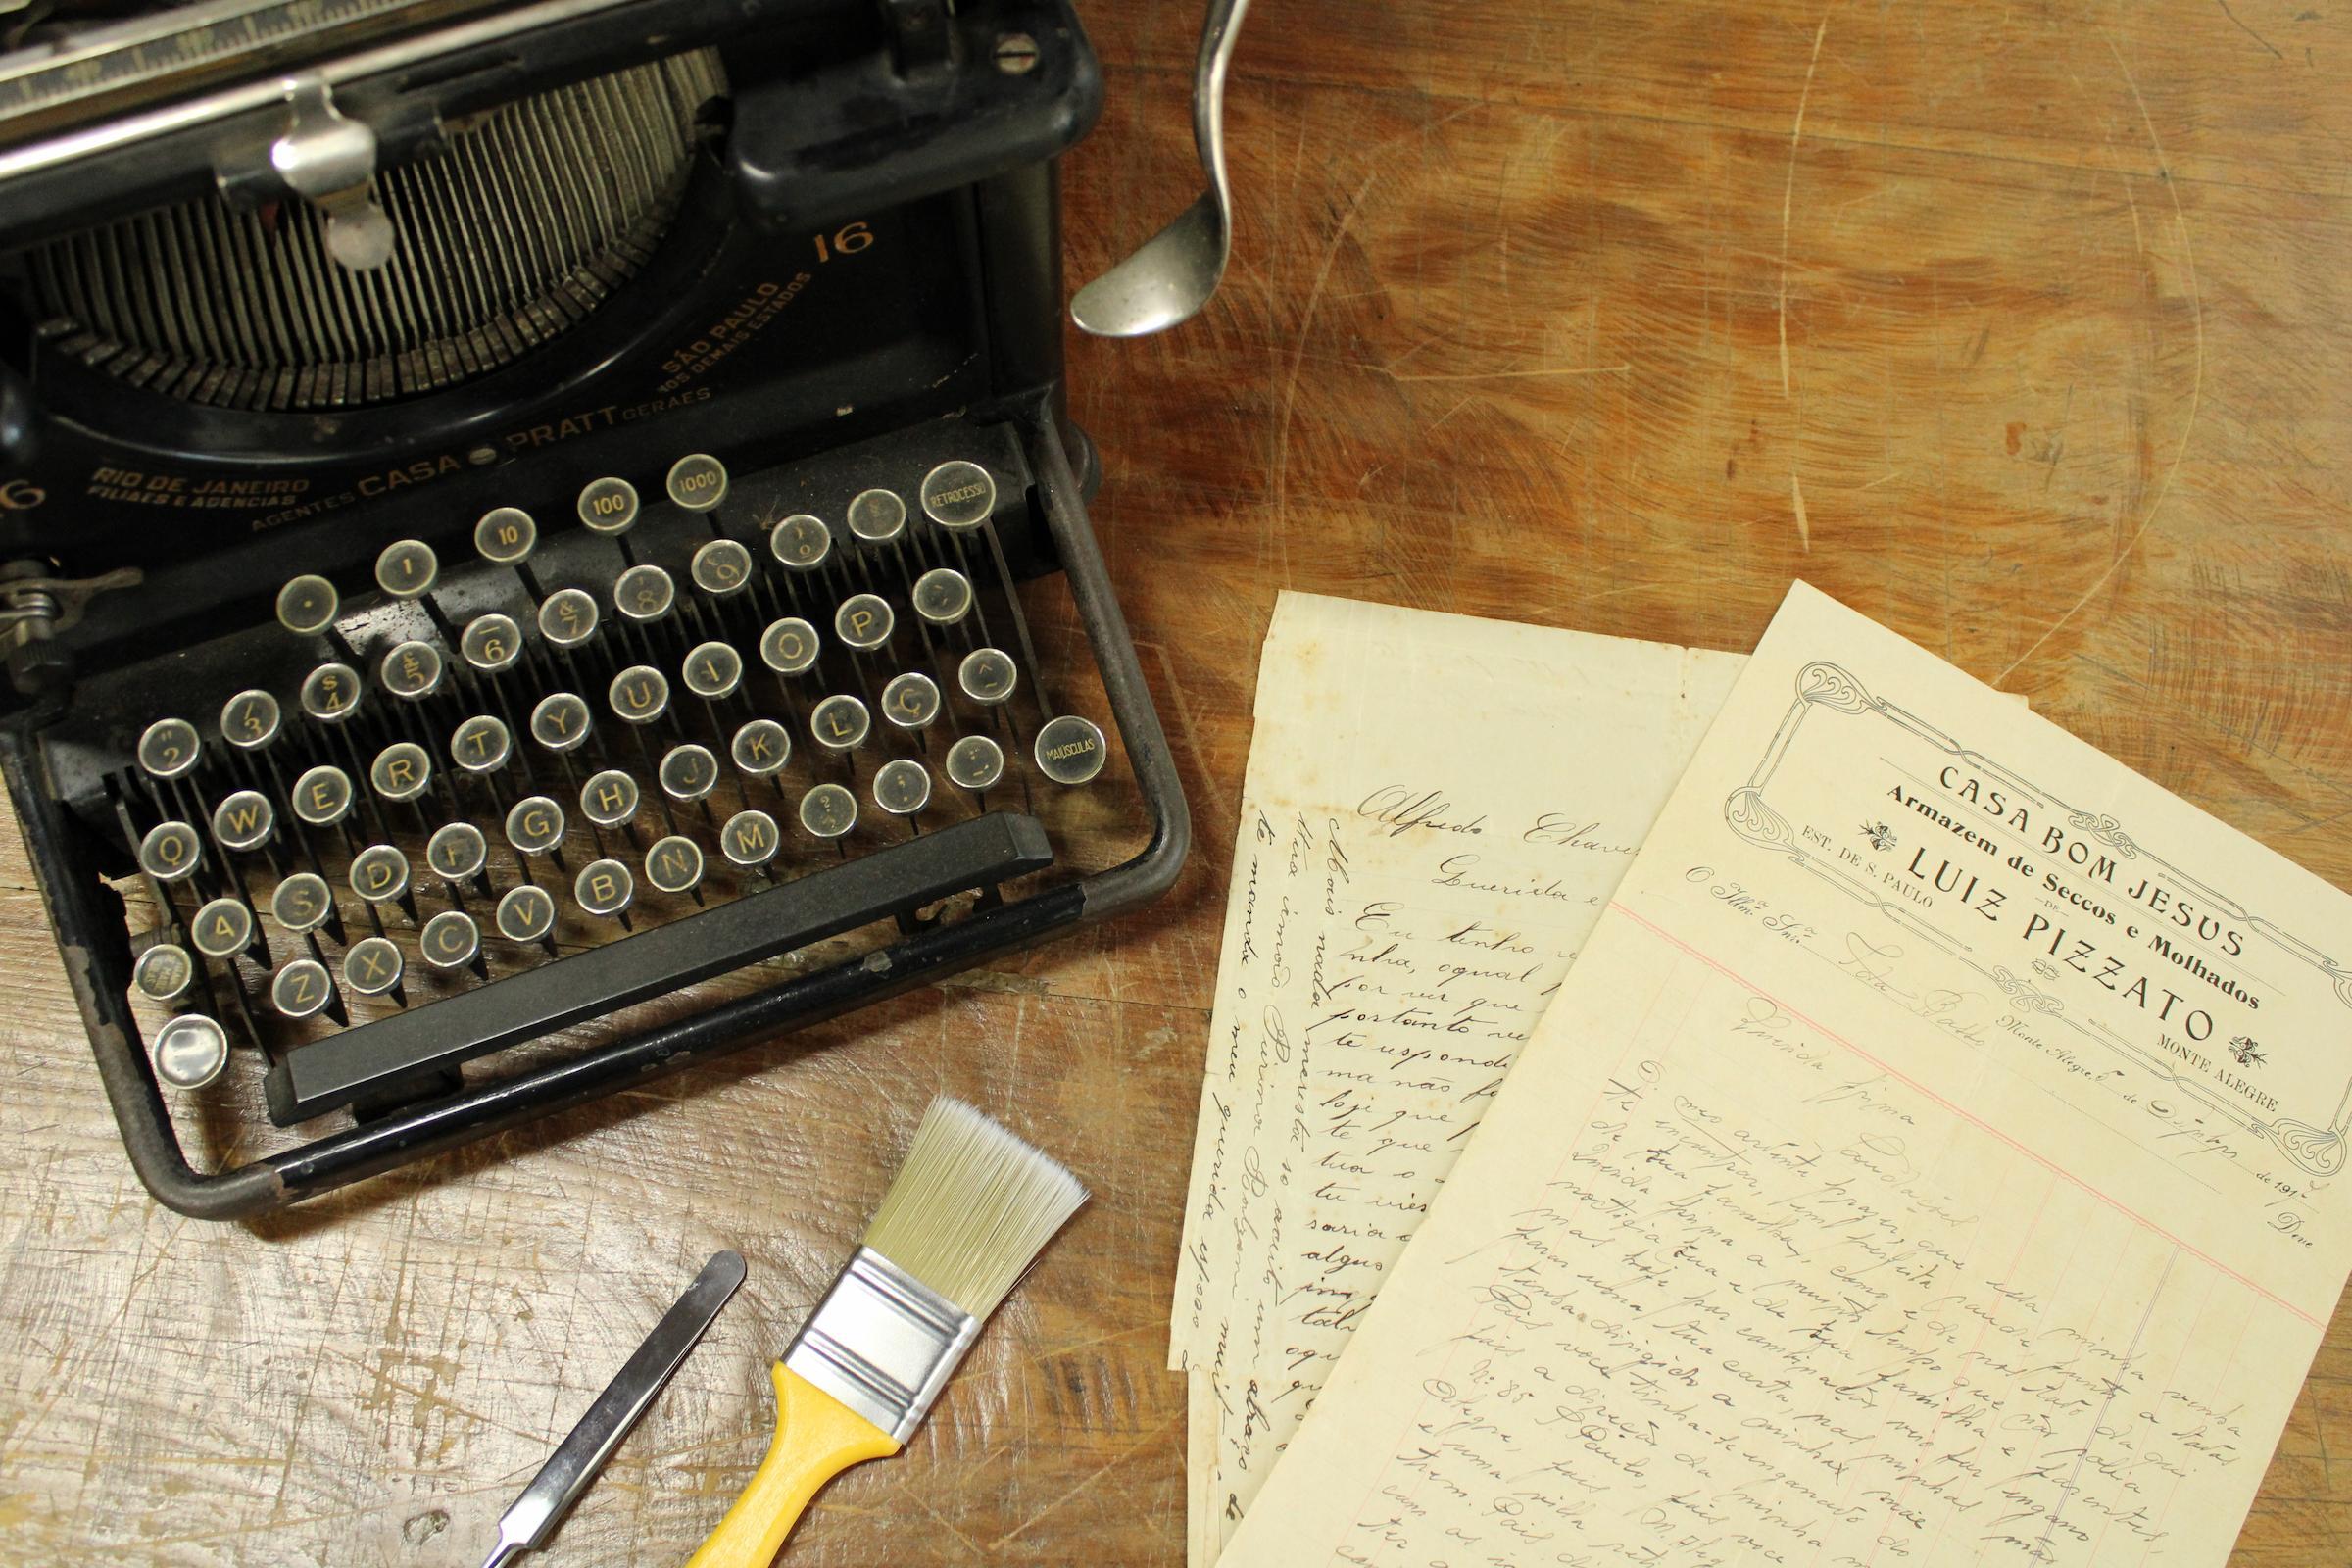 Foto de uma máquina de escrever antiga ao lado de alguns documentos antigos sobre uma mesa.